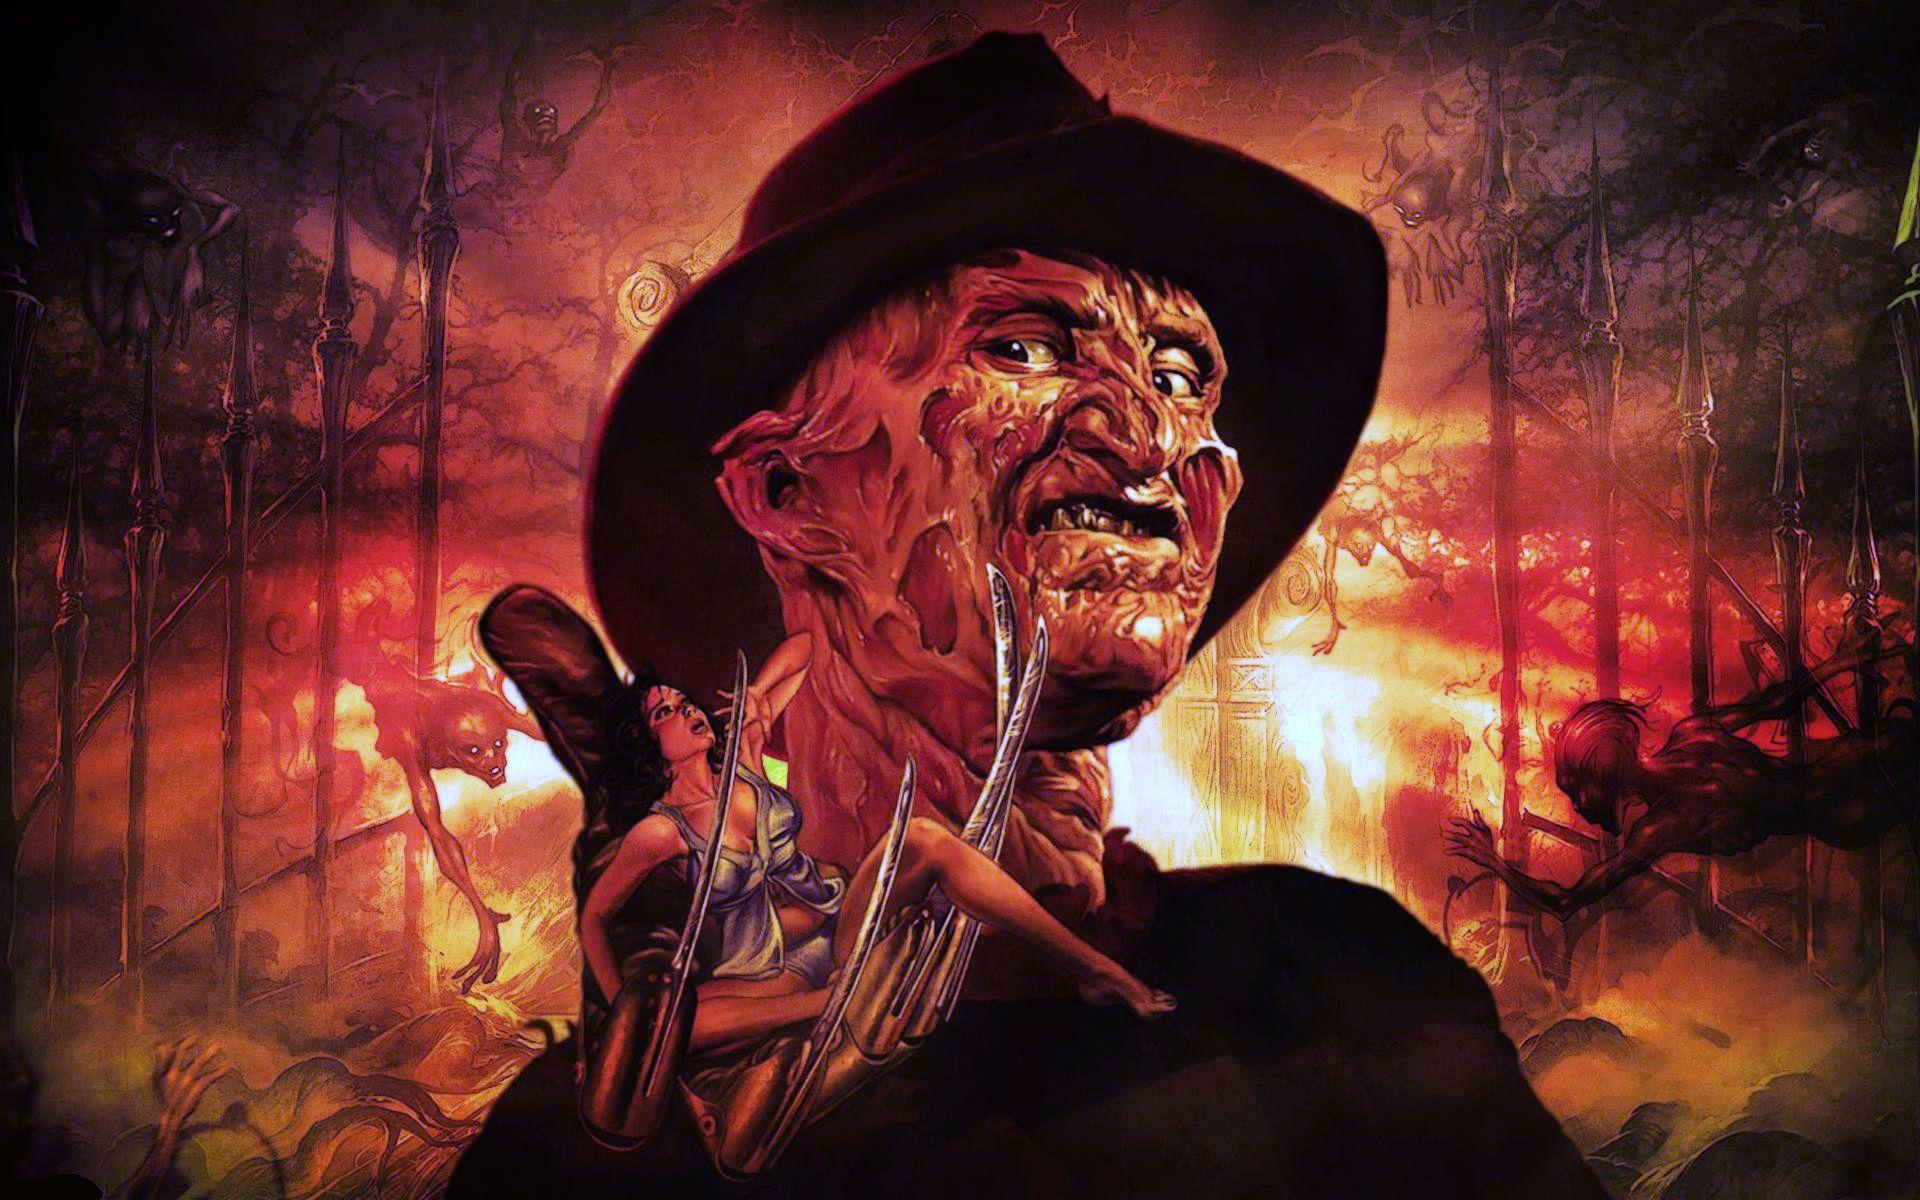 Freddy Krueger Wallpapers